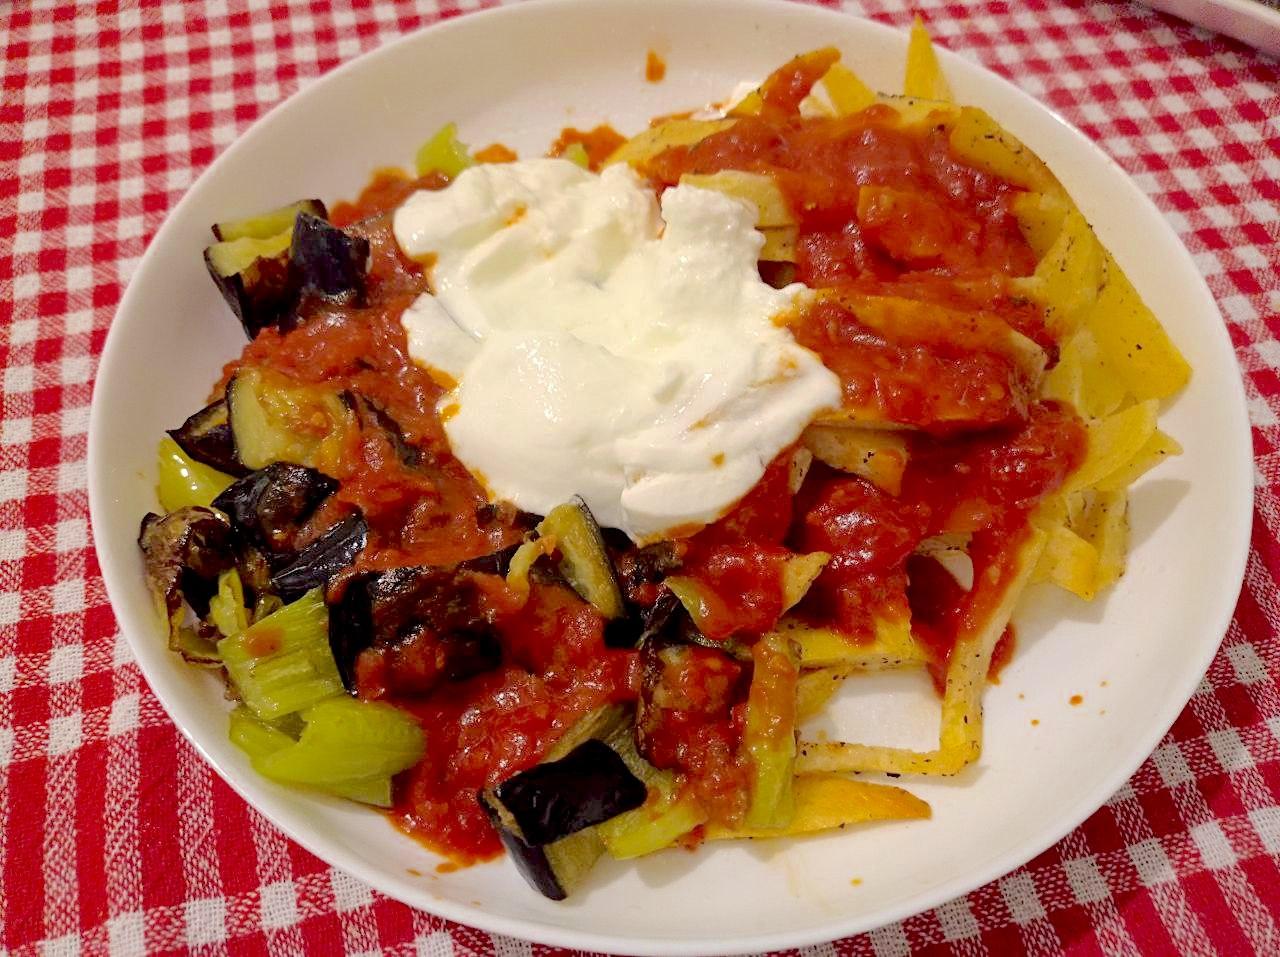 Frittiertes Gemüse mit Tomatensoße und Joghurt: Karisik Kizartma